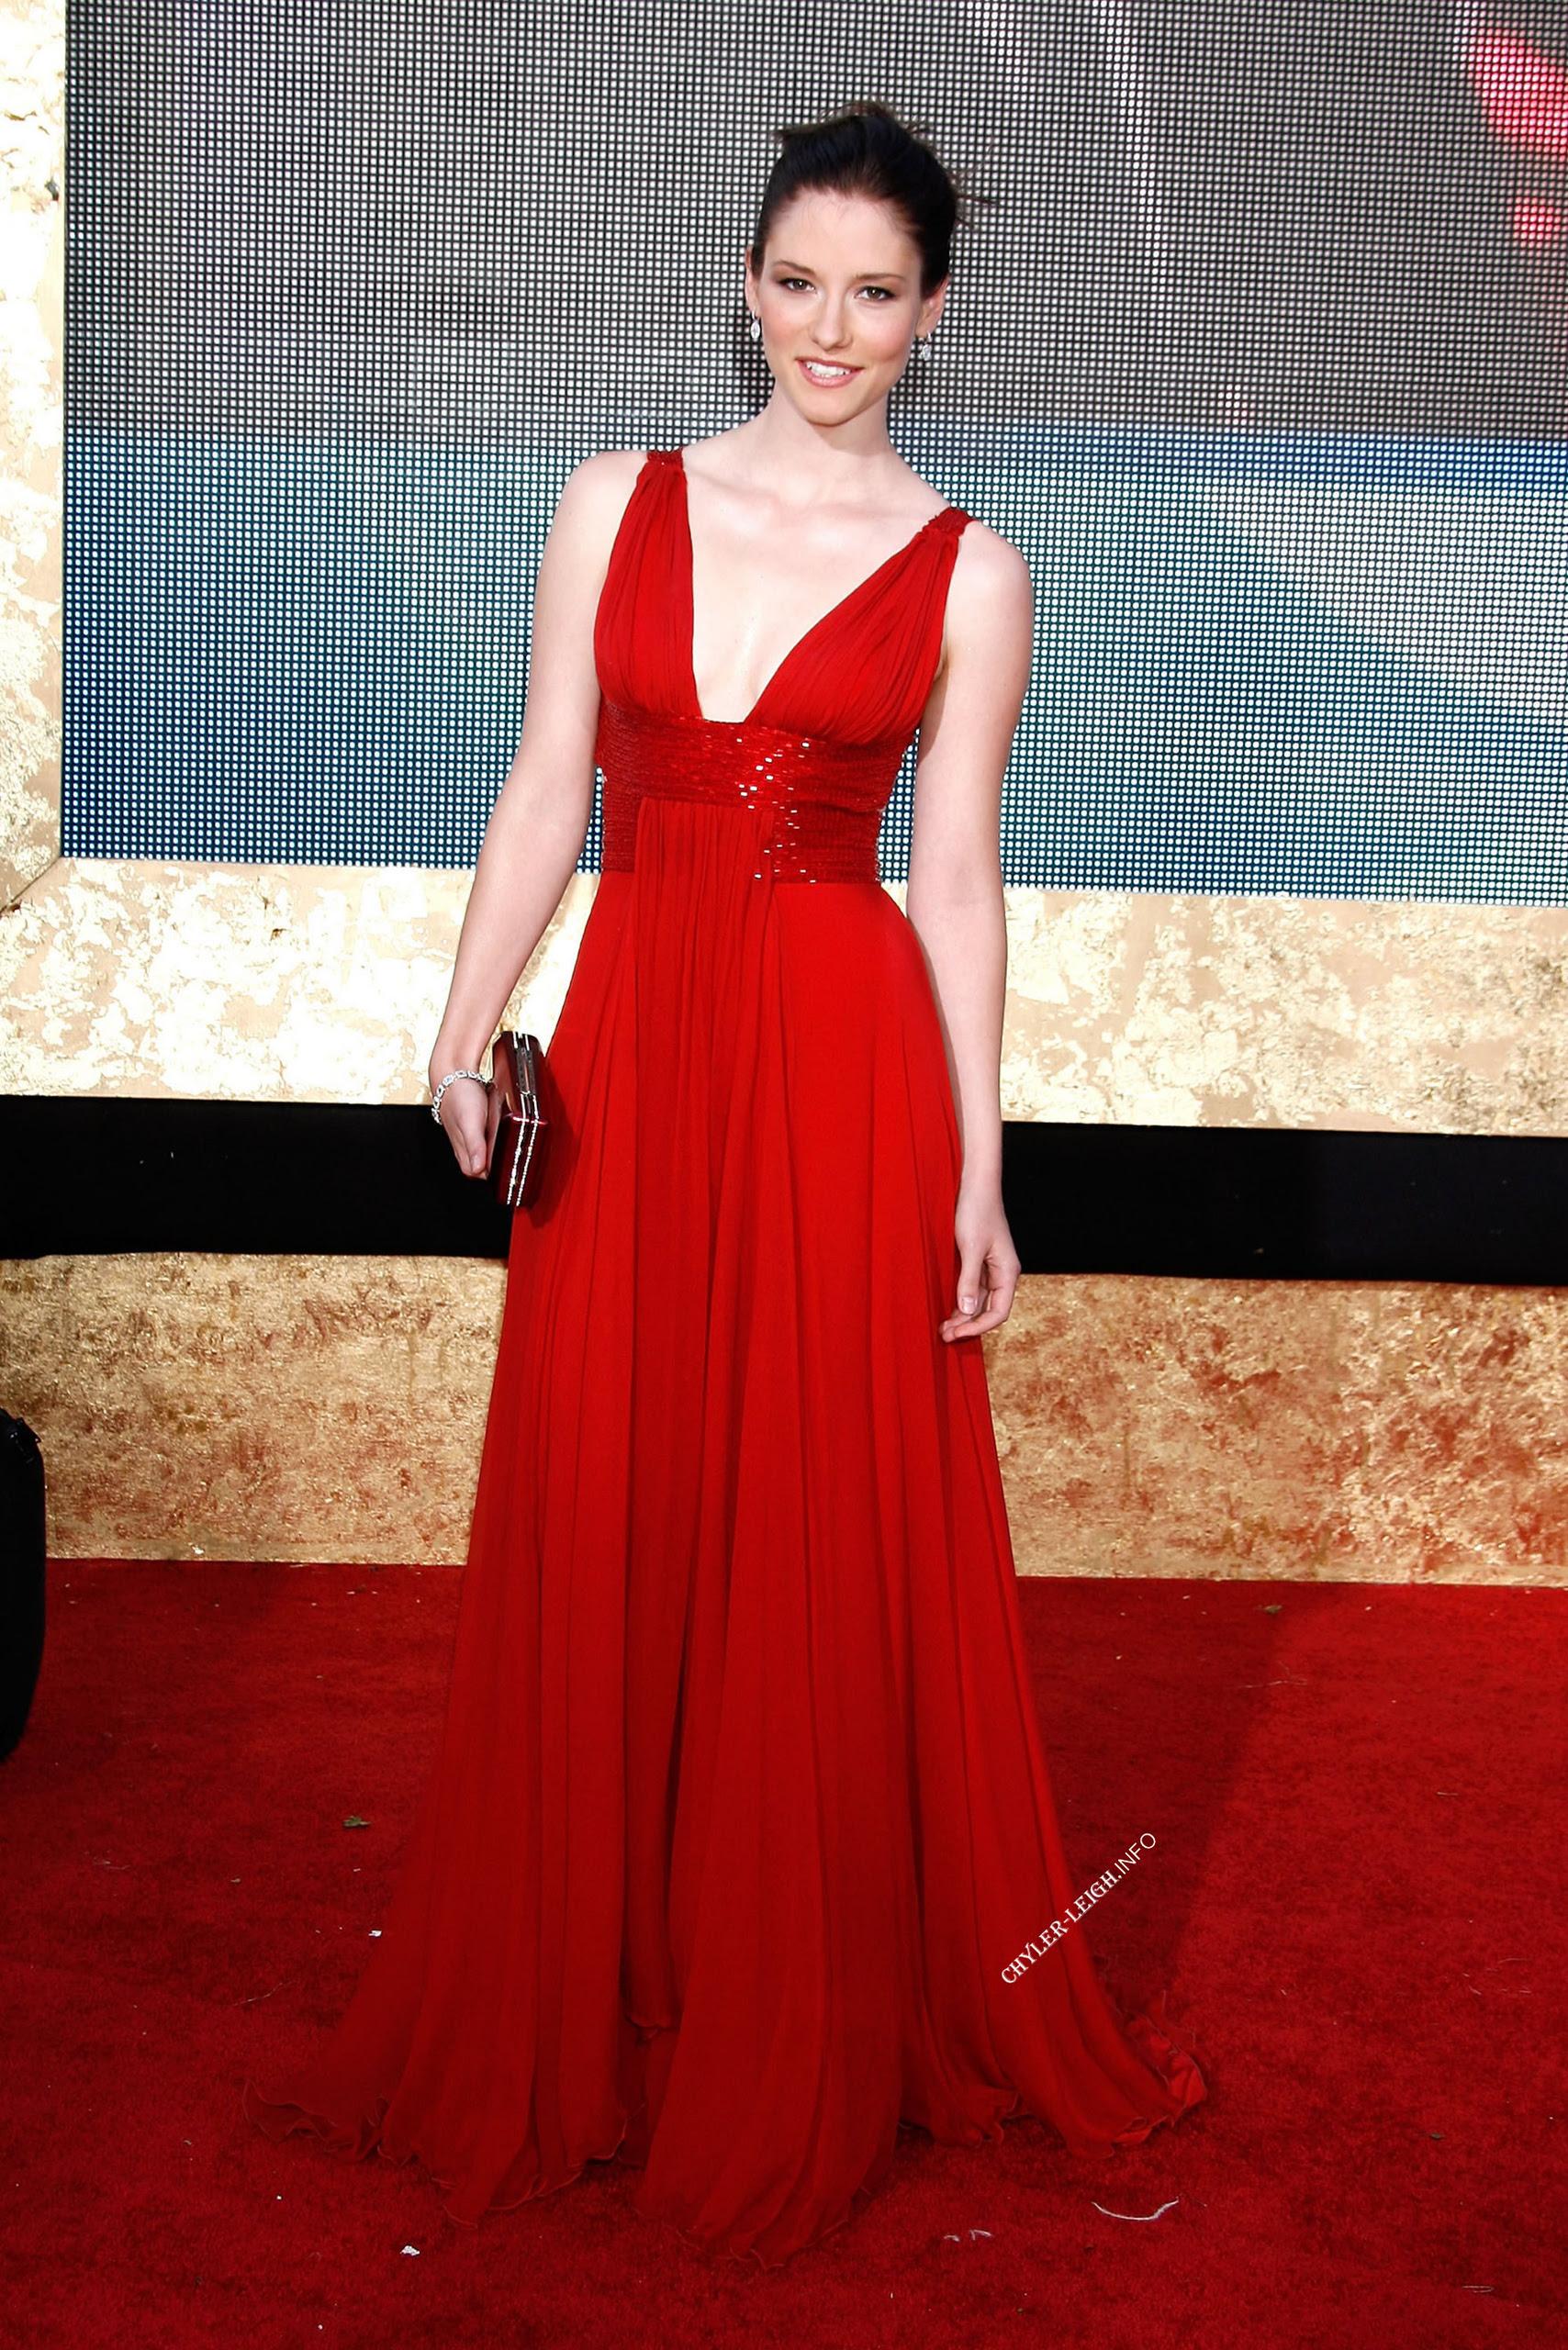 red dress  chyler leigh photo 3378182  fanpop